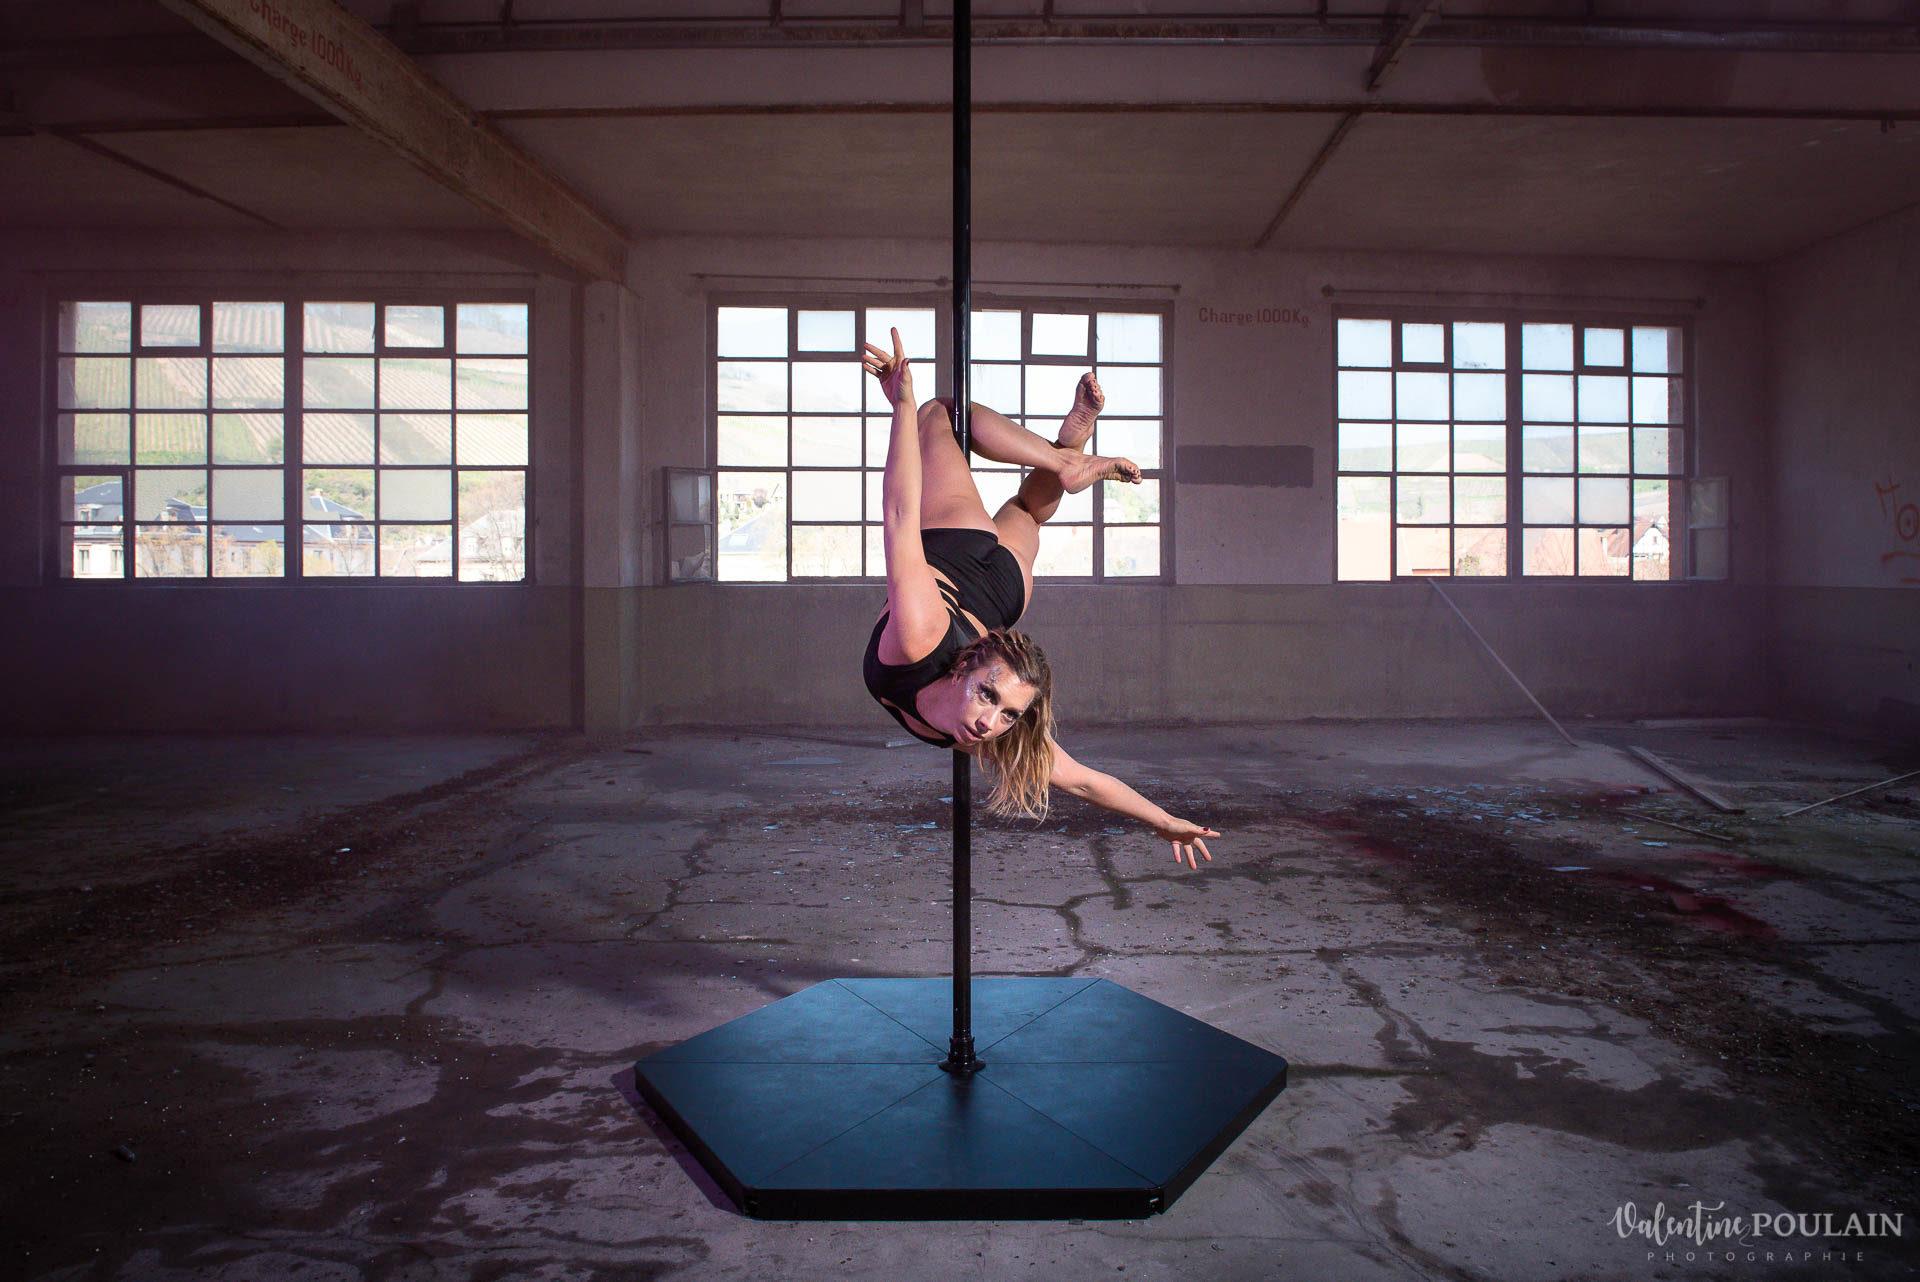 Shooting Pole Dance gymnastique - Valentine Poulain pose